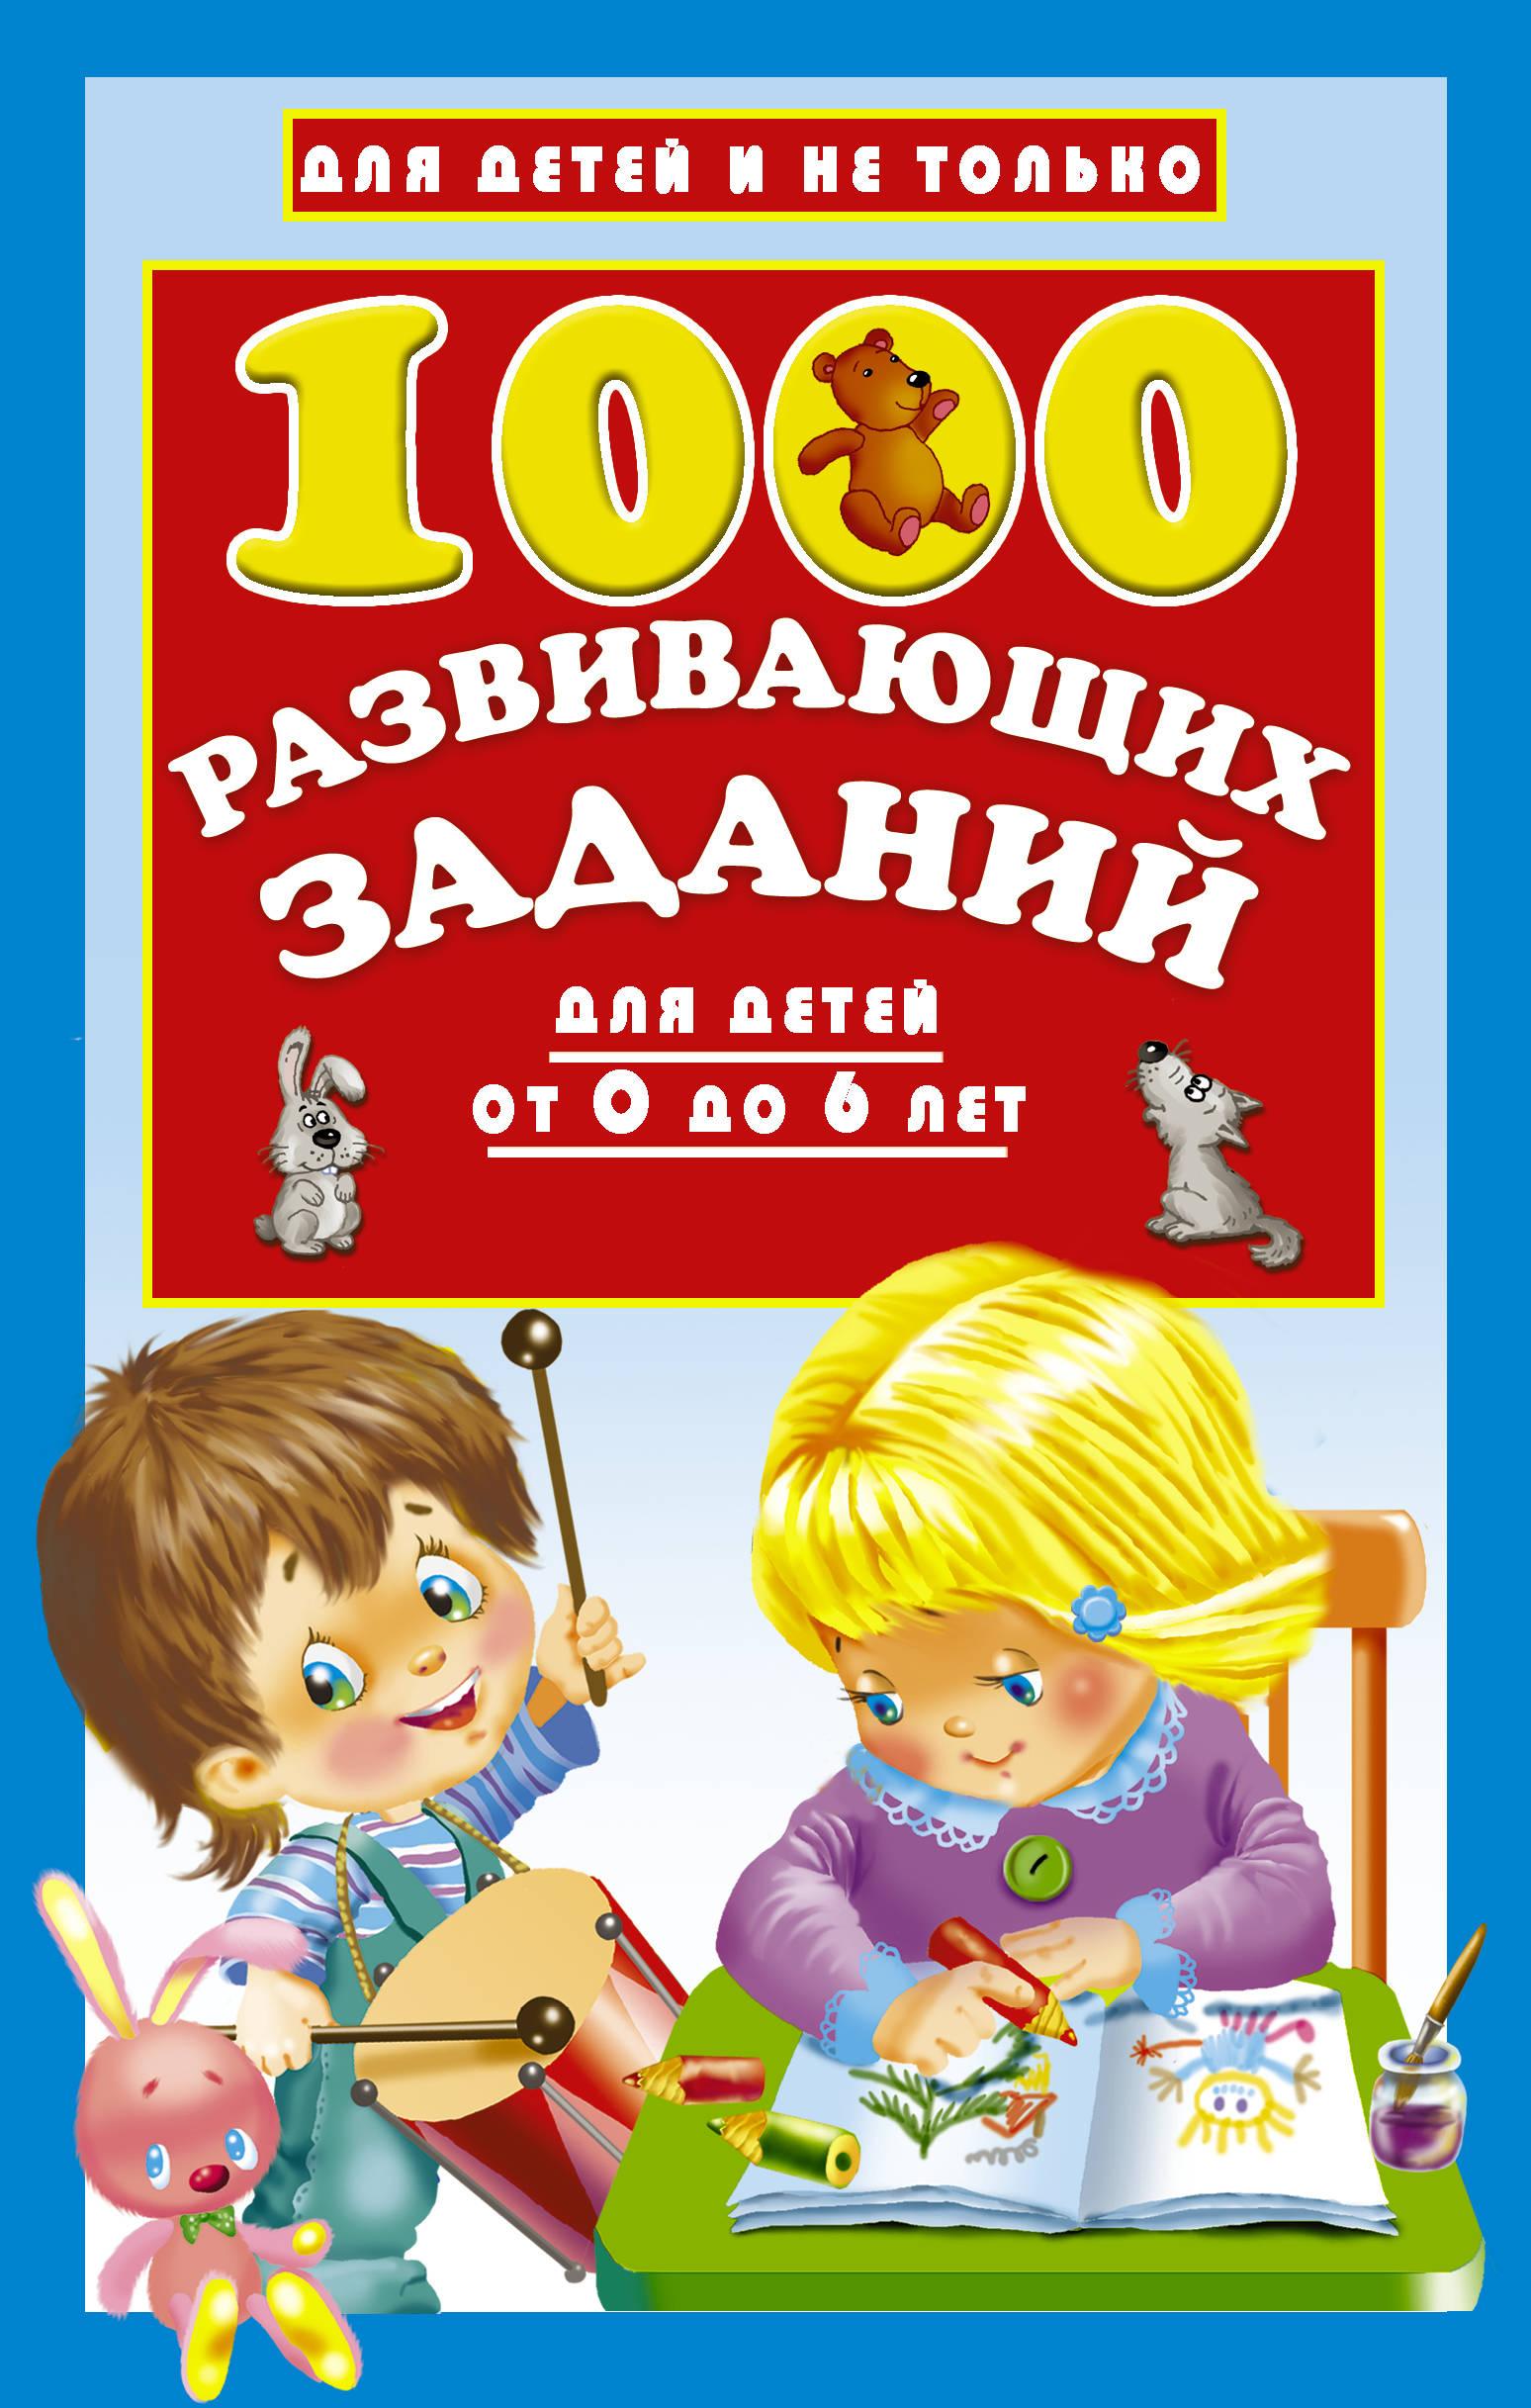 Дмитриева ВГ 1000 развивающих заданий для детей от 0 до 6 лет